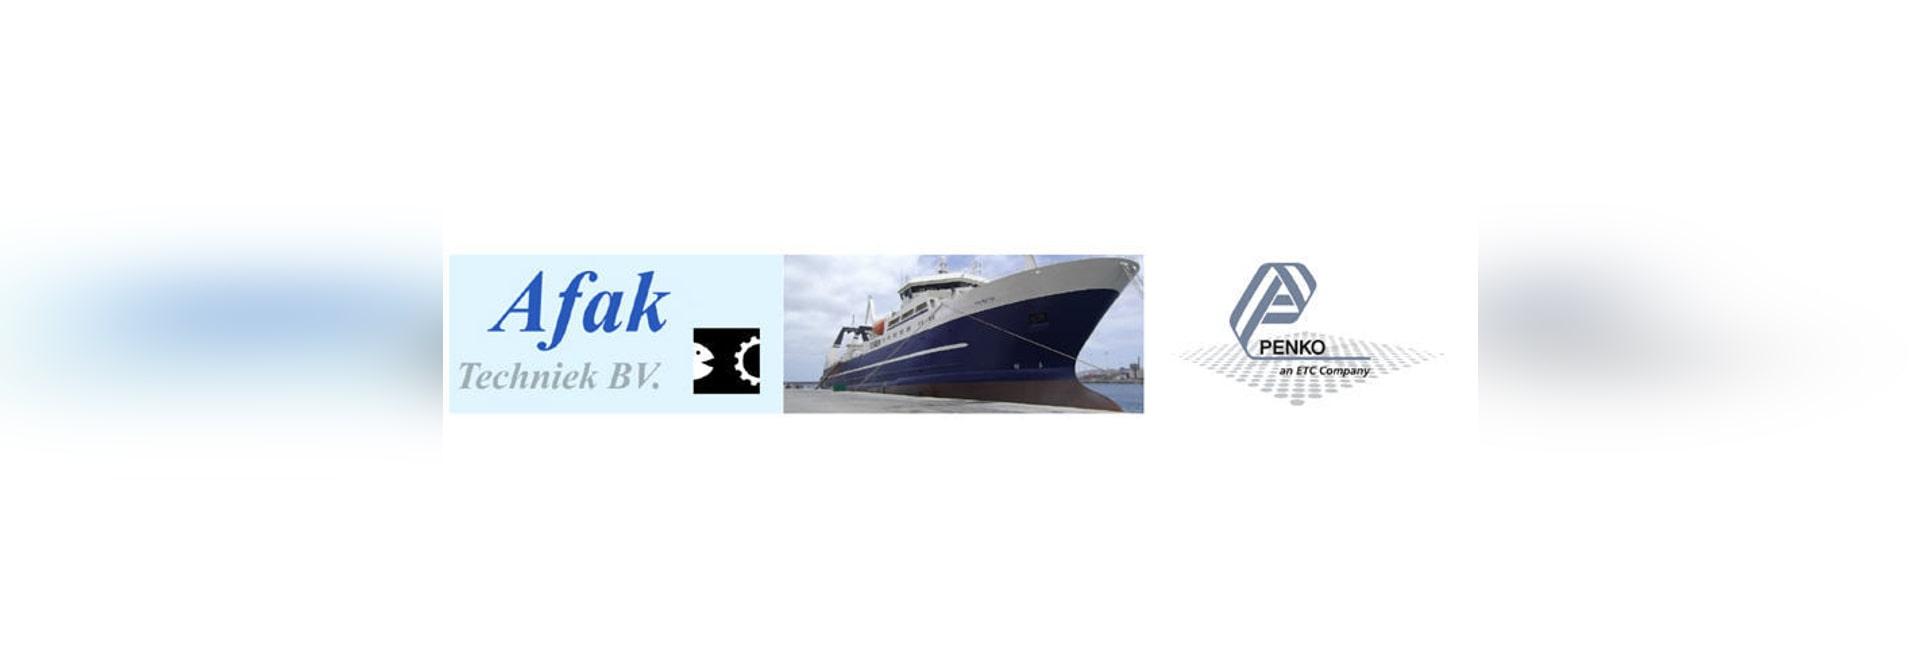 Debba pesare esattamente il pesce all'ingrosso a bordo di una nave commovente? Ciò è come la fate!